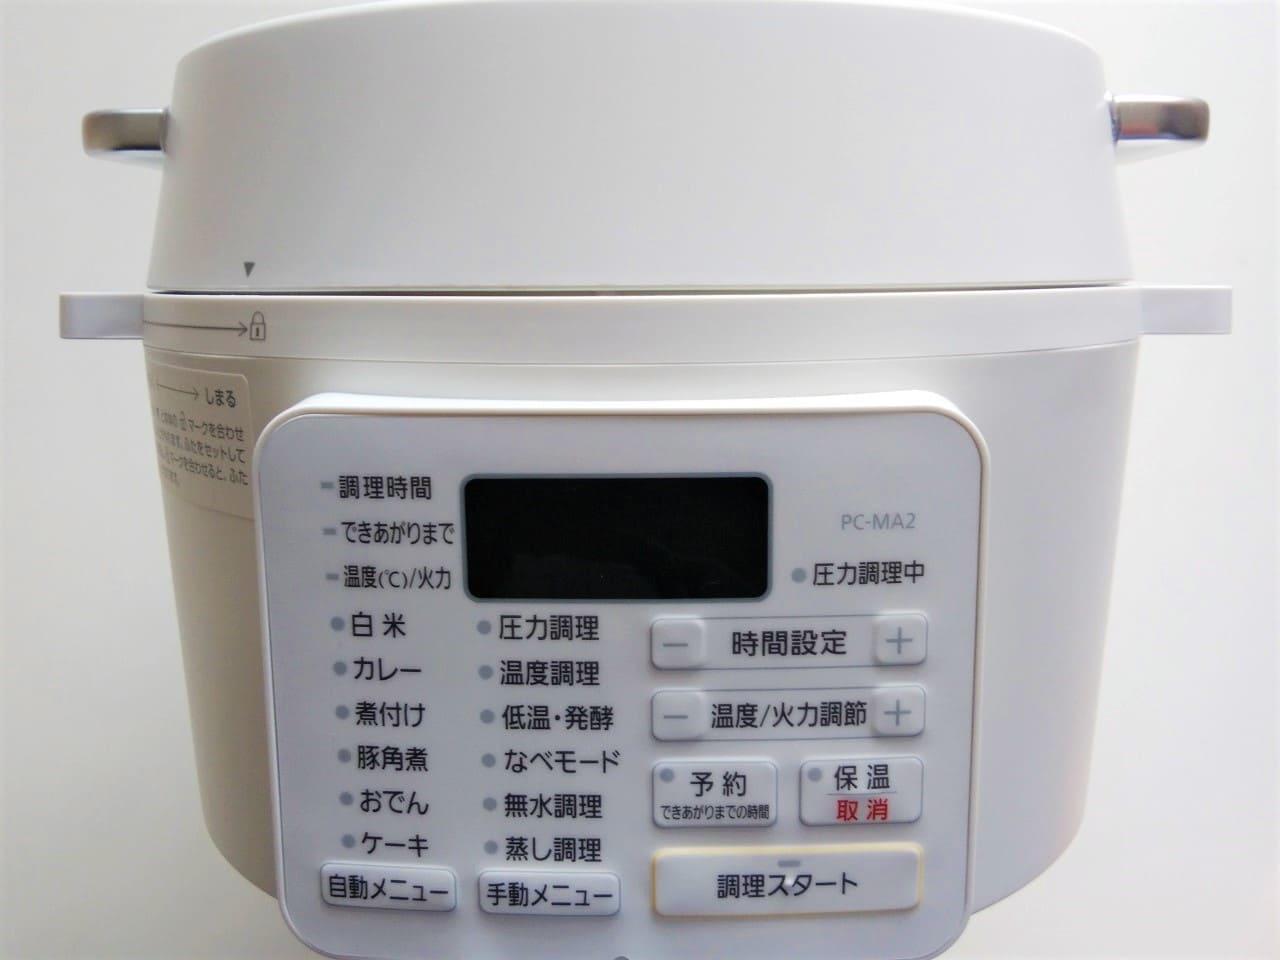 アイリスオーヤマの電気圧力鍋PC-MA2